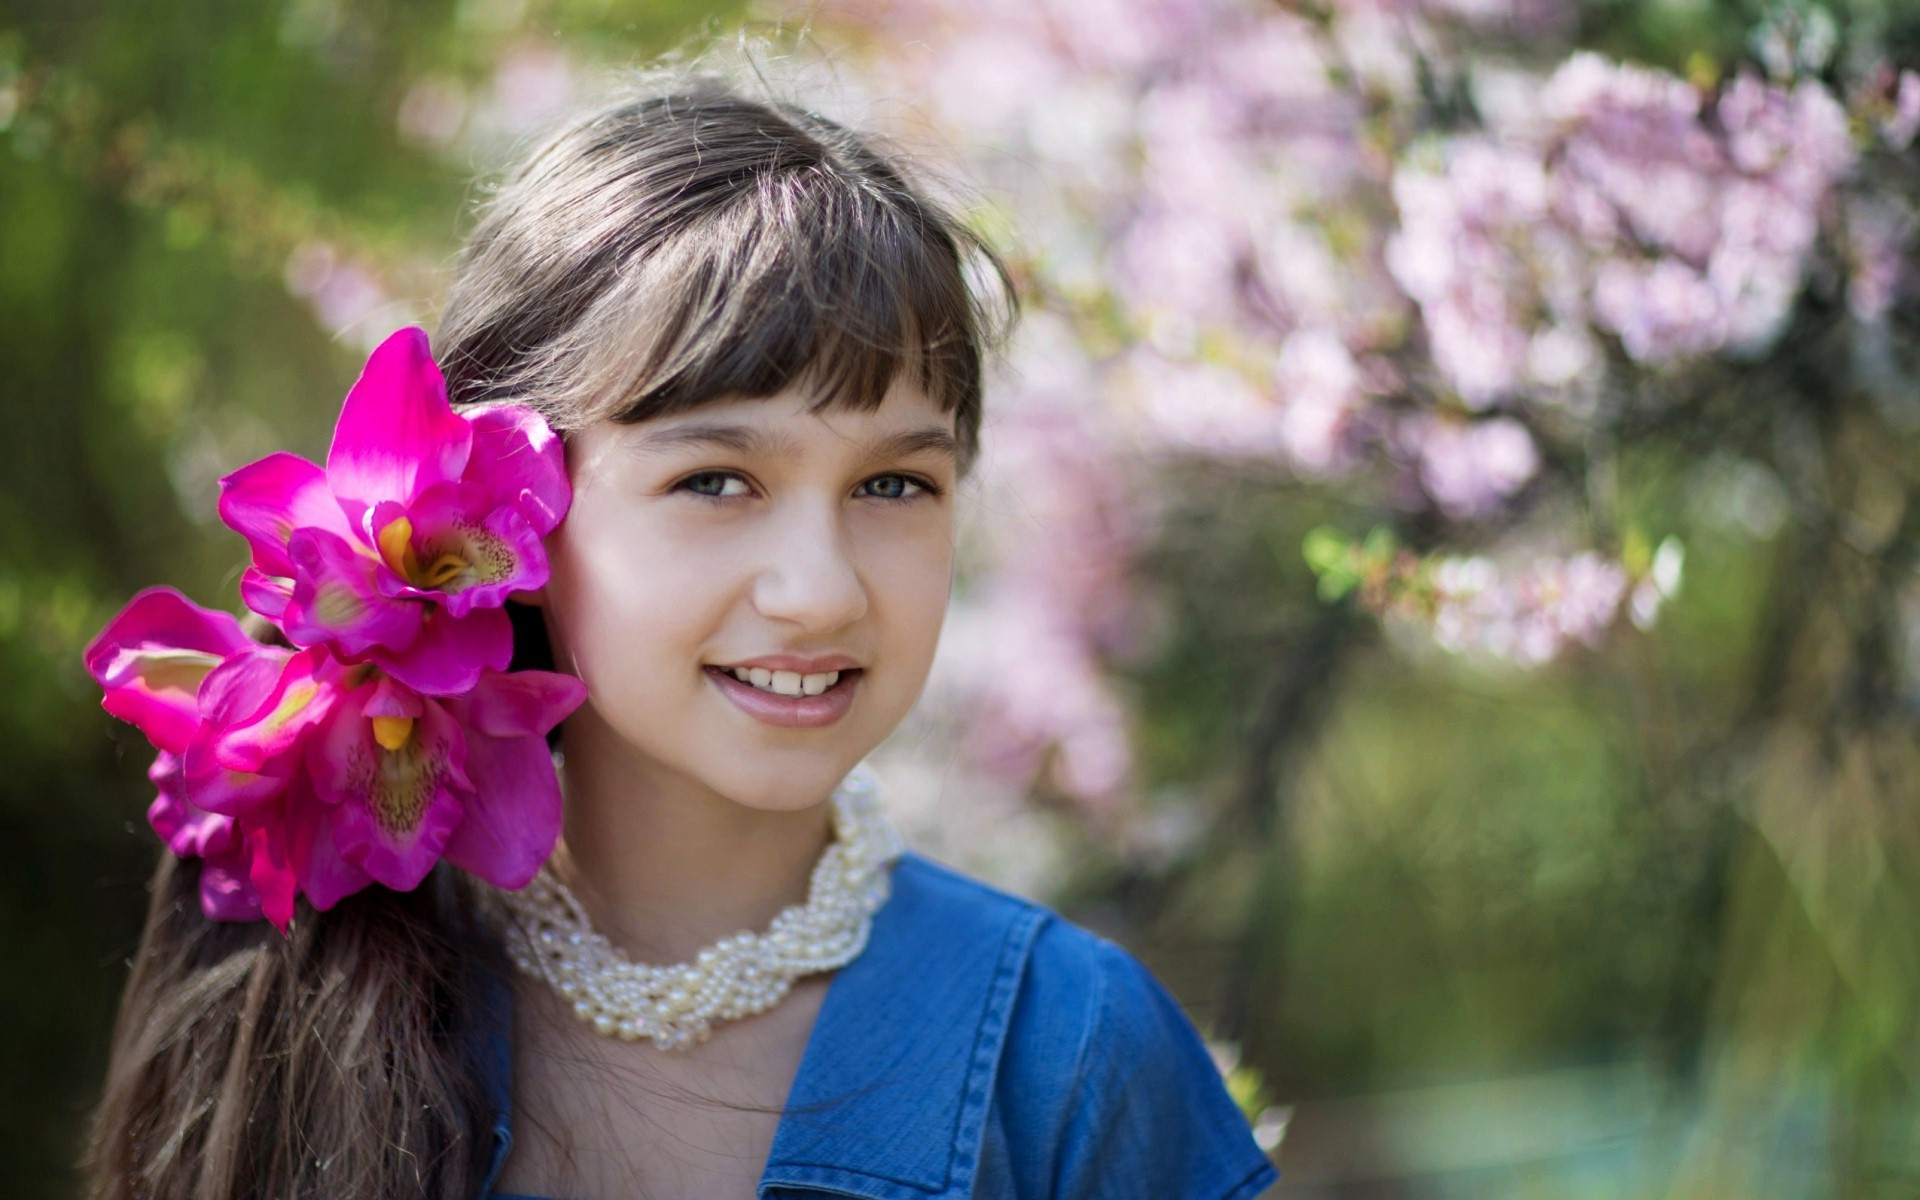 عکس دختر شاد و خندان برای پروفایل